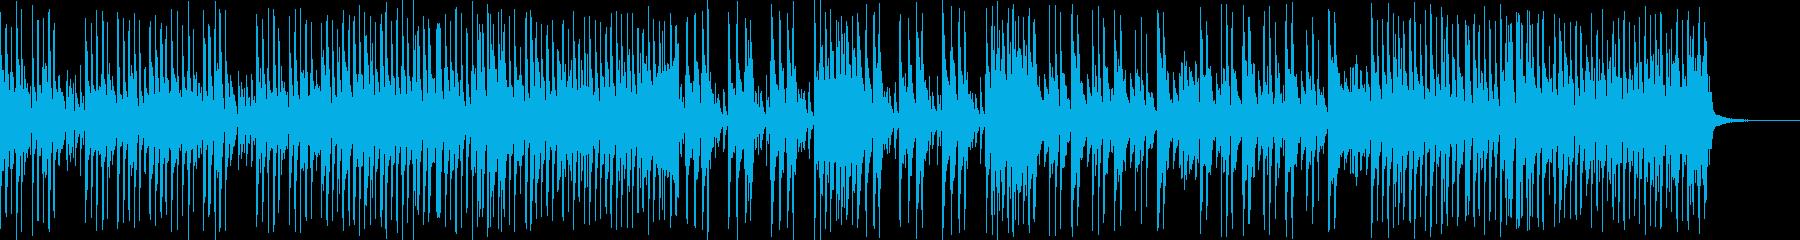 生演奏三味線 和風ロック和を伝えるBGMの再生済みの波形